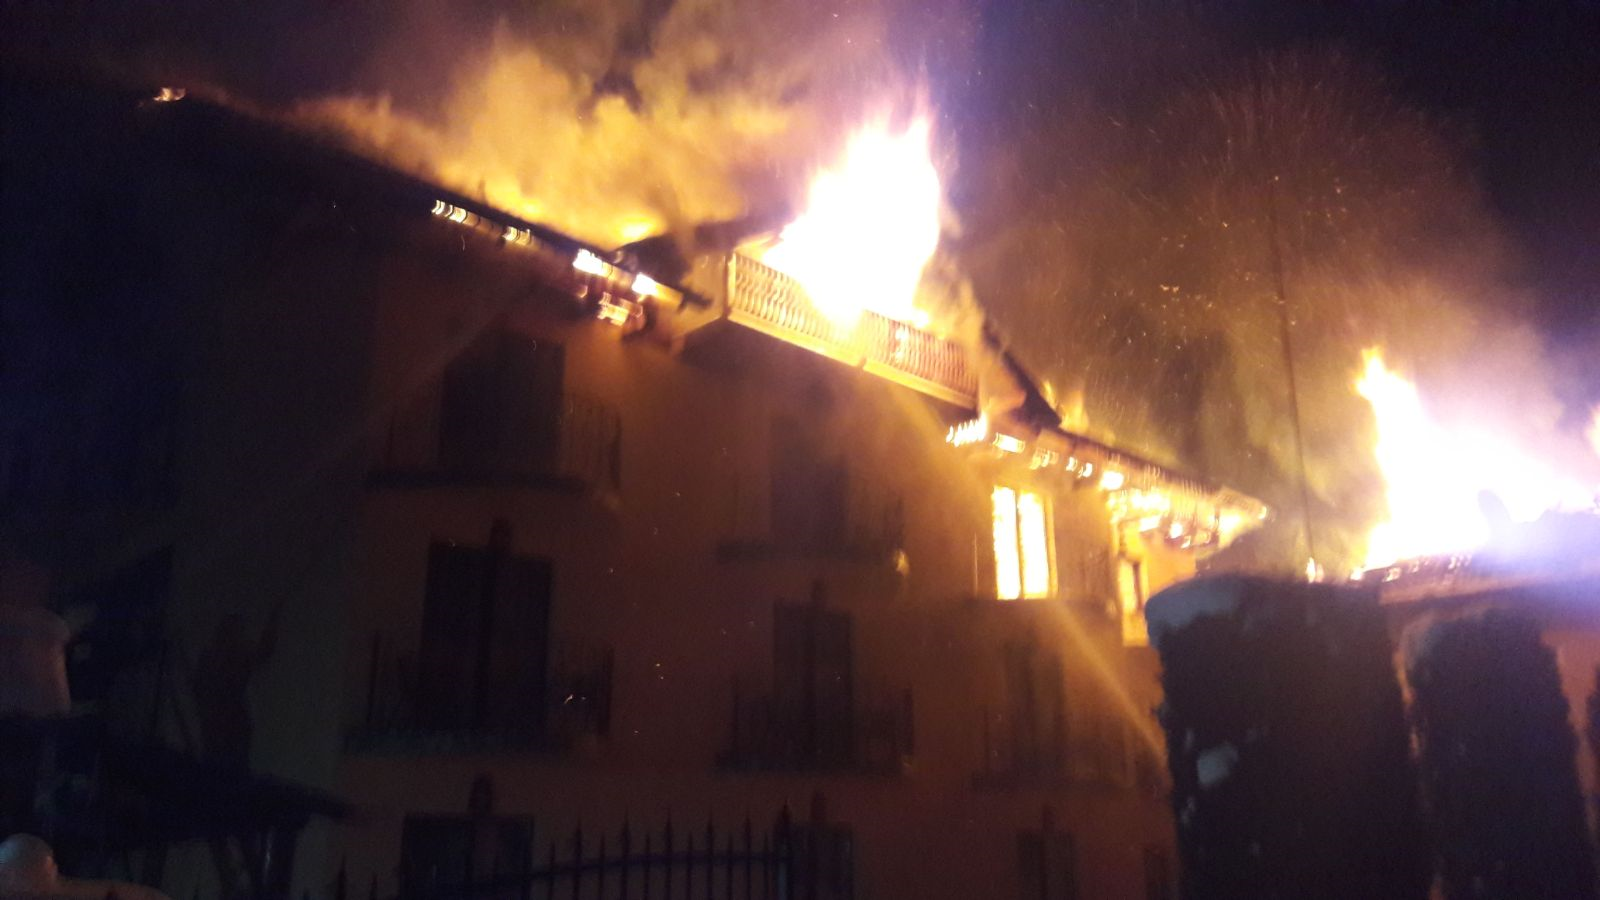 Incendiu la o pensiune din Moieciu. O persoană a suferit un atac de panică - FOTO